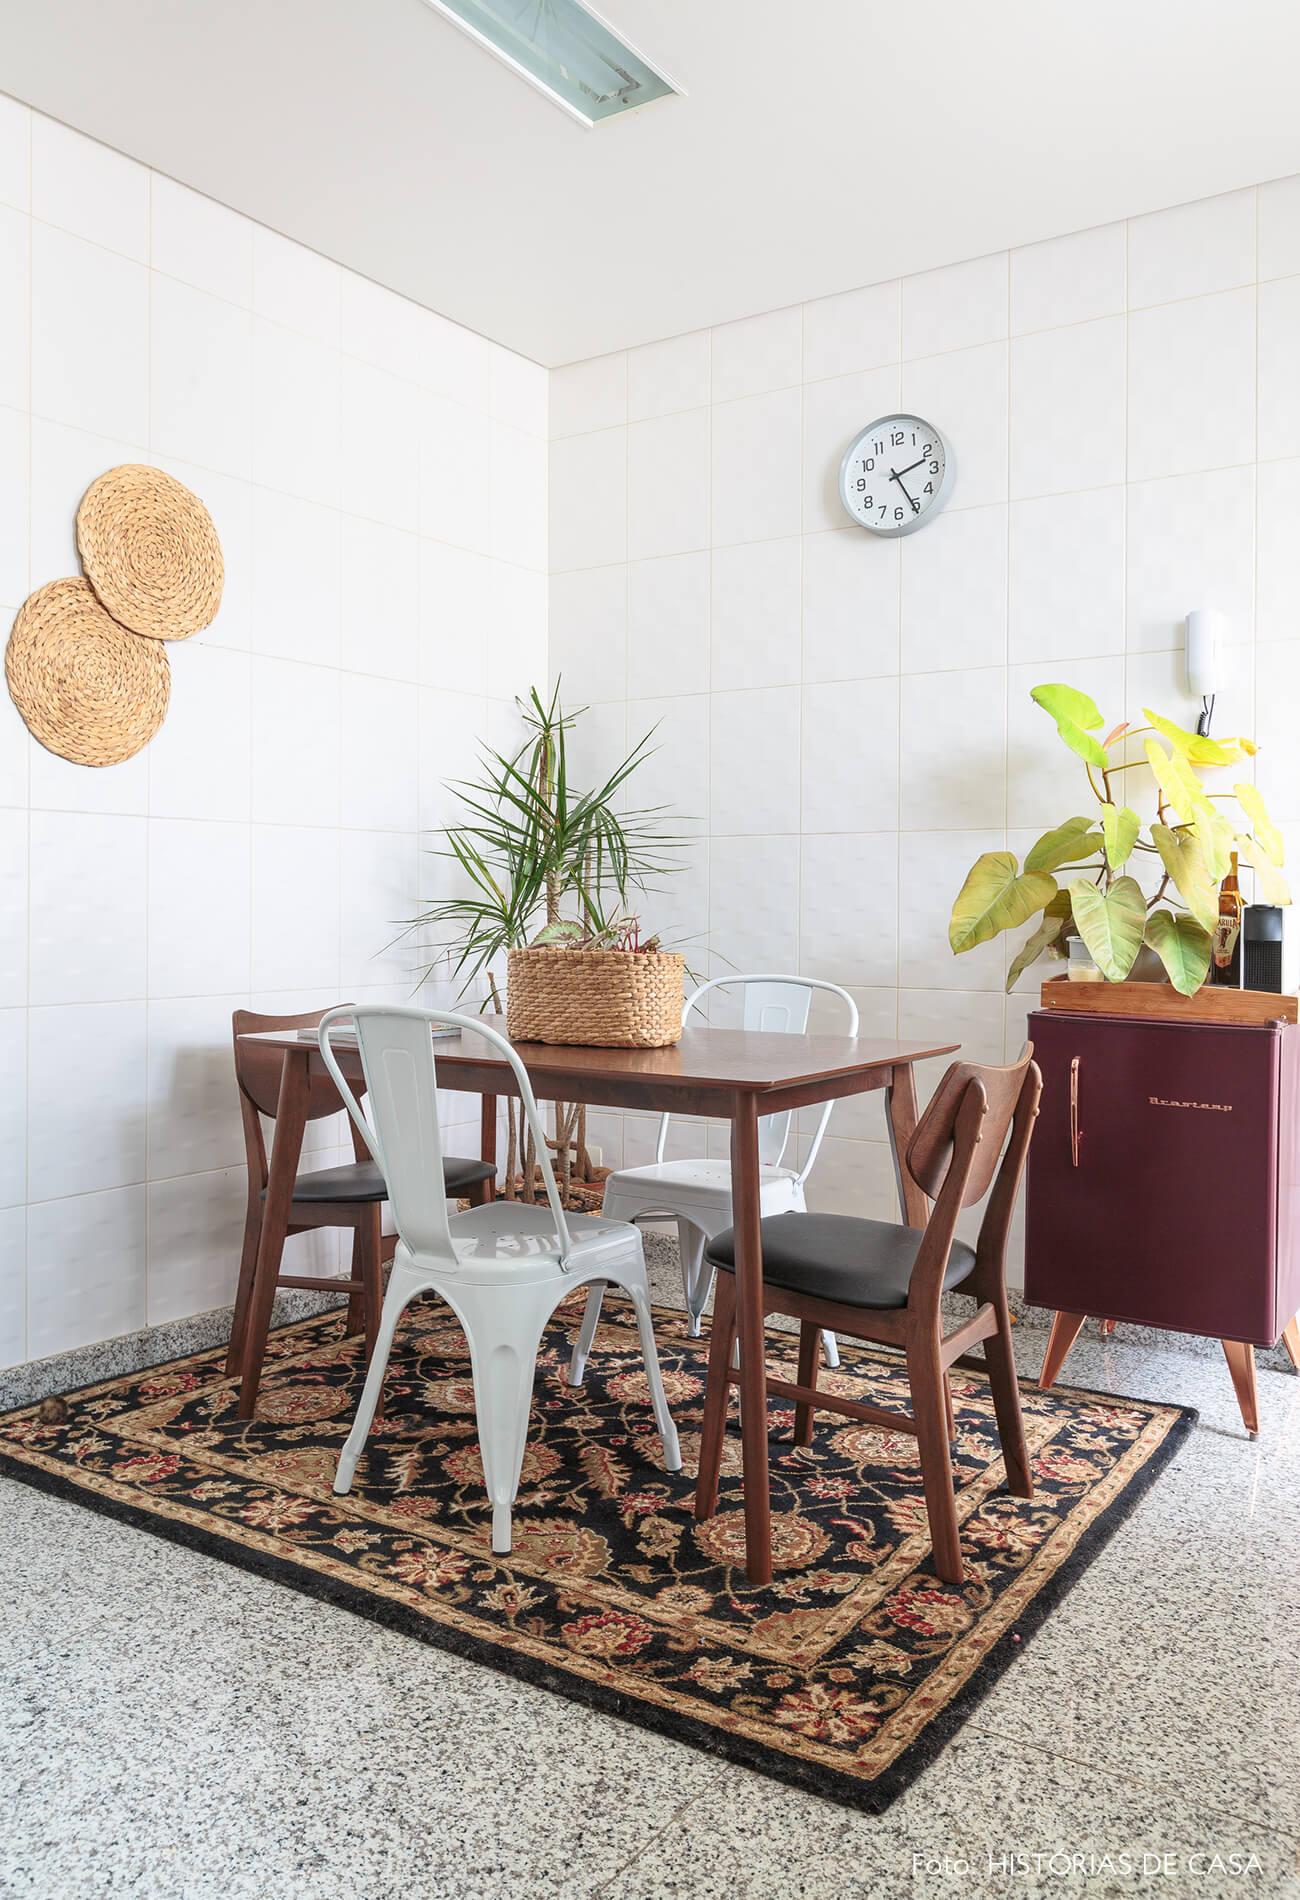 decoração cozinha com mesa de madeira escura e tapete estampado